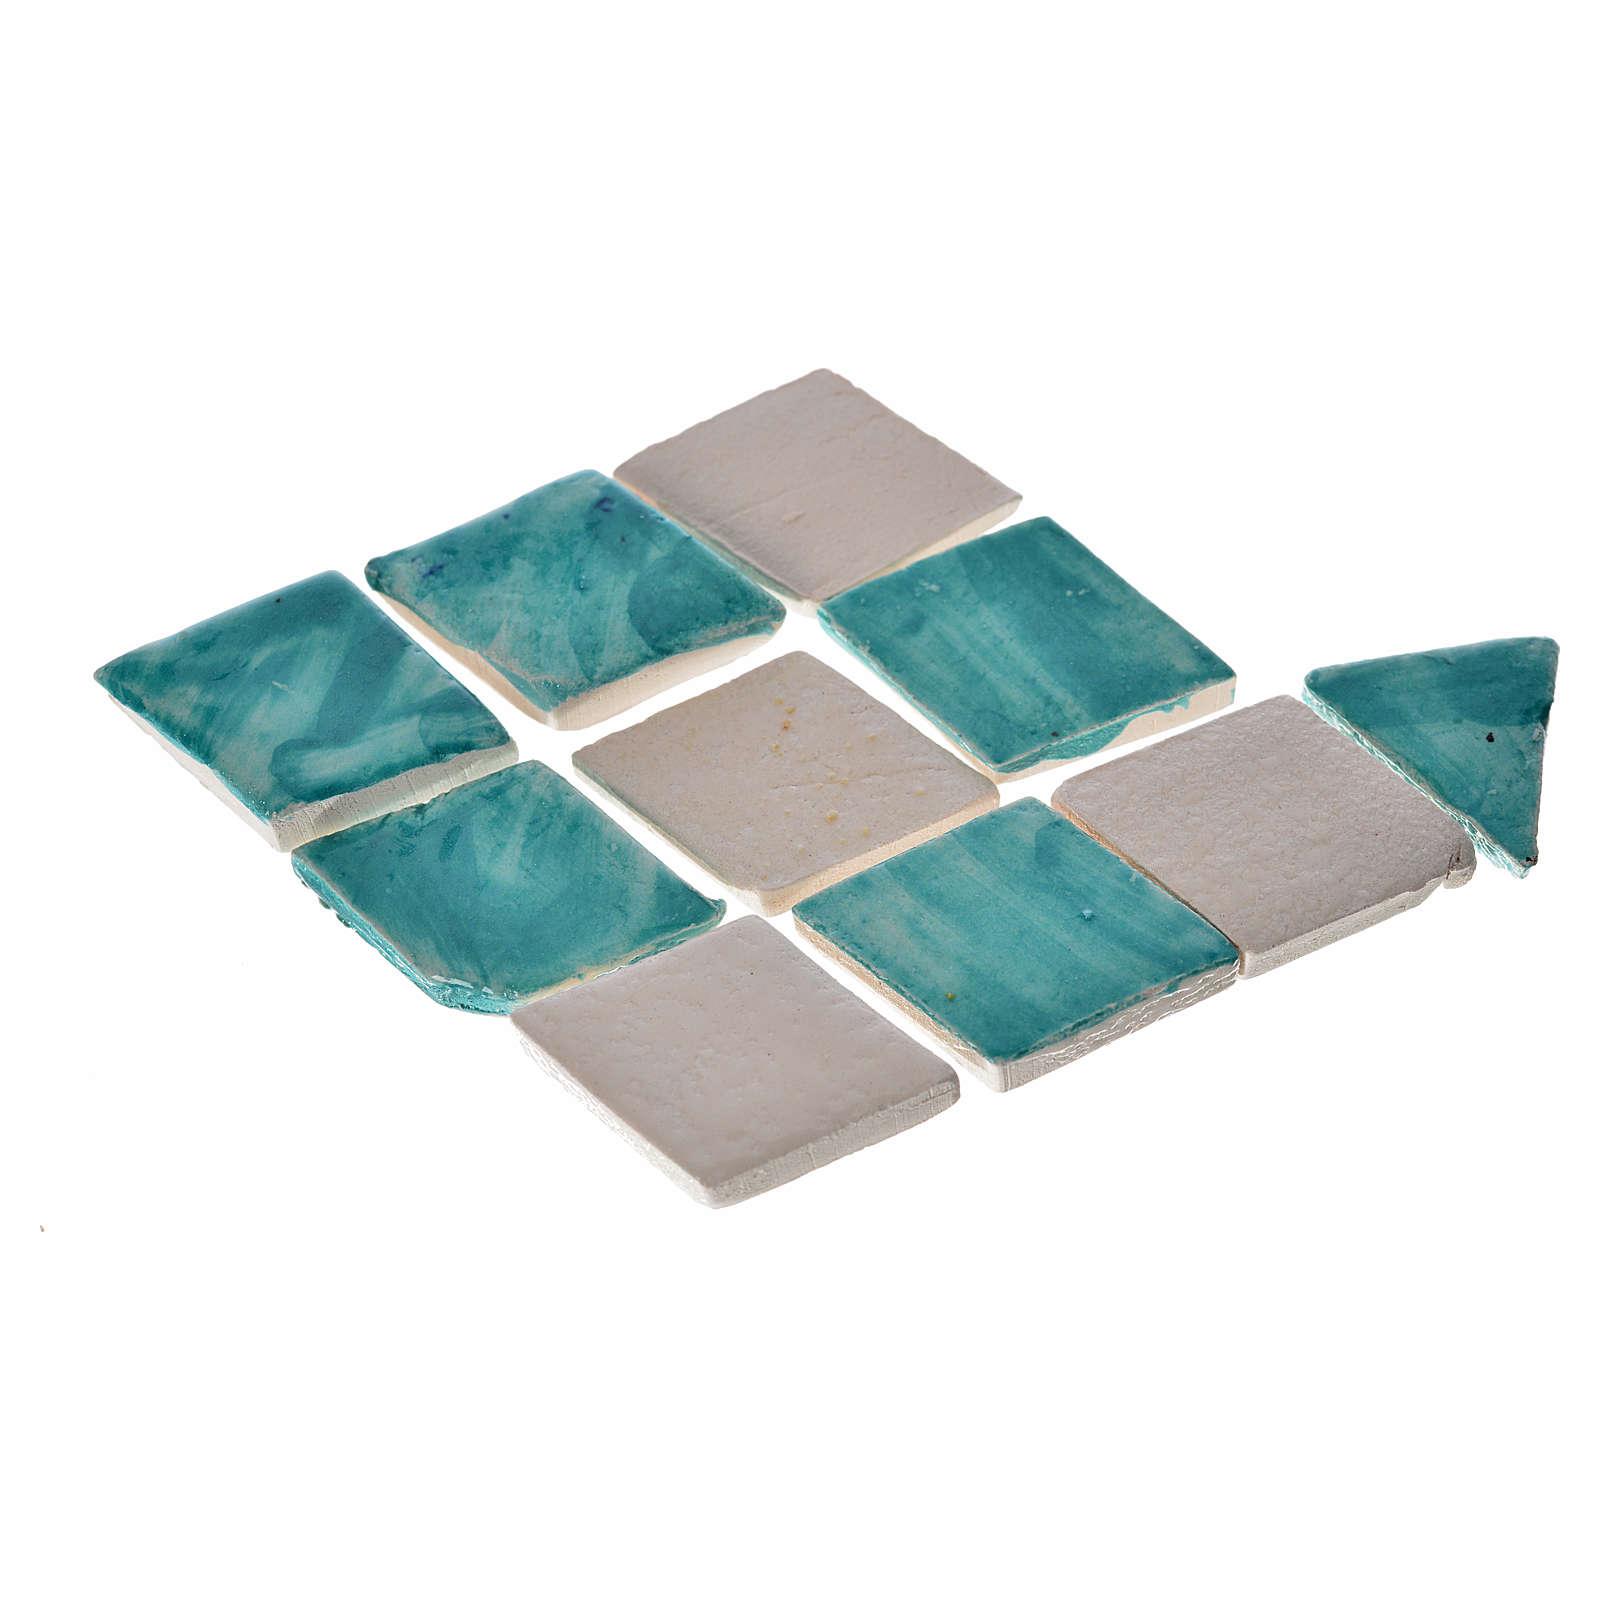 Carrelages rhombes crèche 60 pcs terre cuite émaillée vert d'eau 4